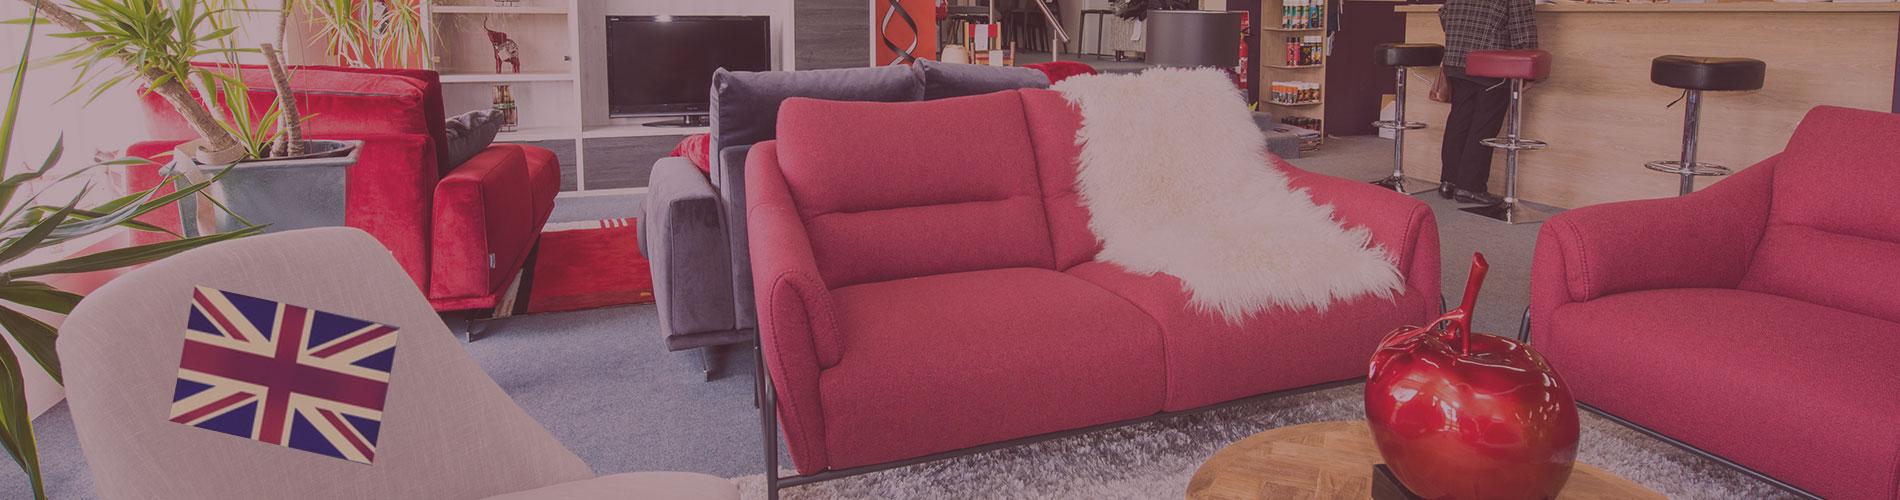 Furniture store in Lot (46)